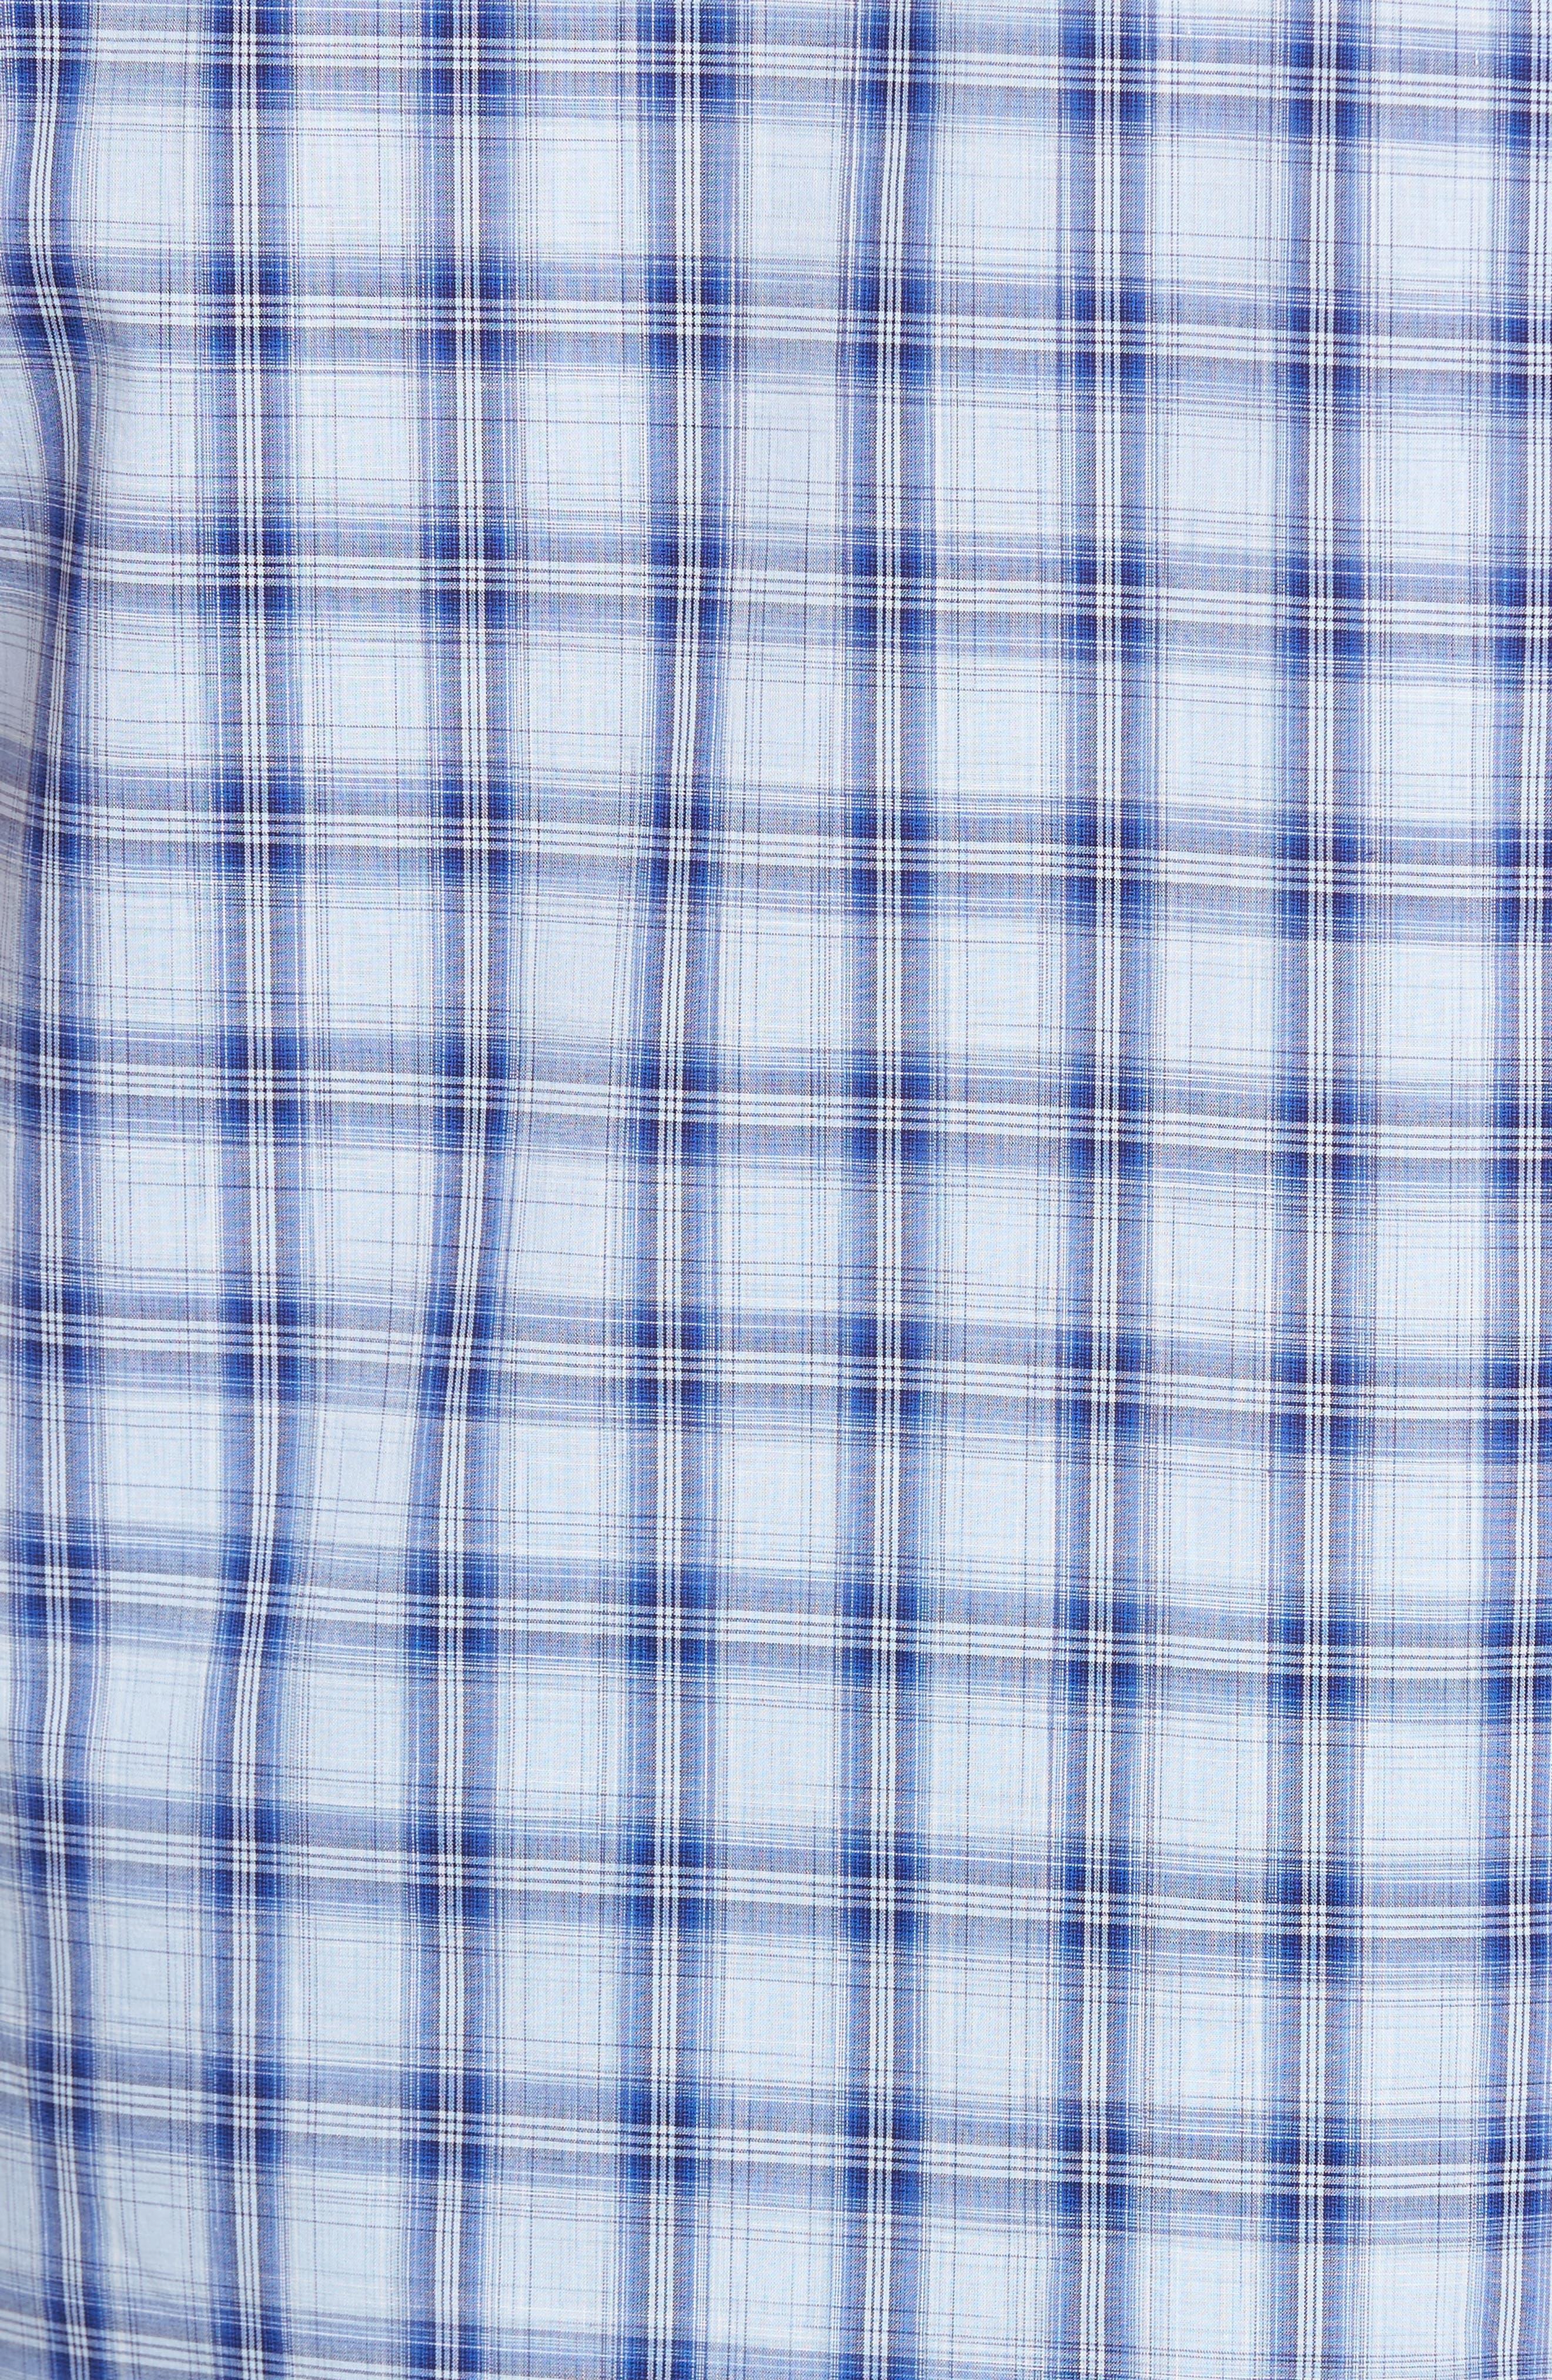 Hwang Trim Fit Plaid Sport Shirt,                             Alternate thumbnail 5, color,                             Pale Blue